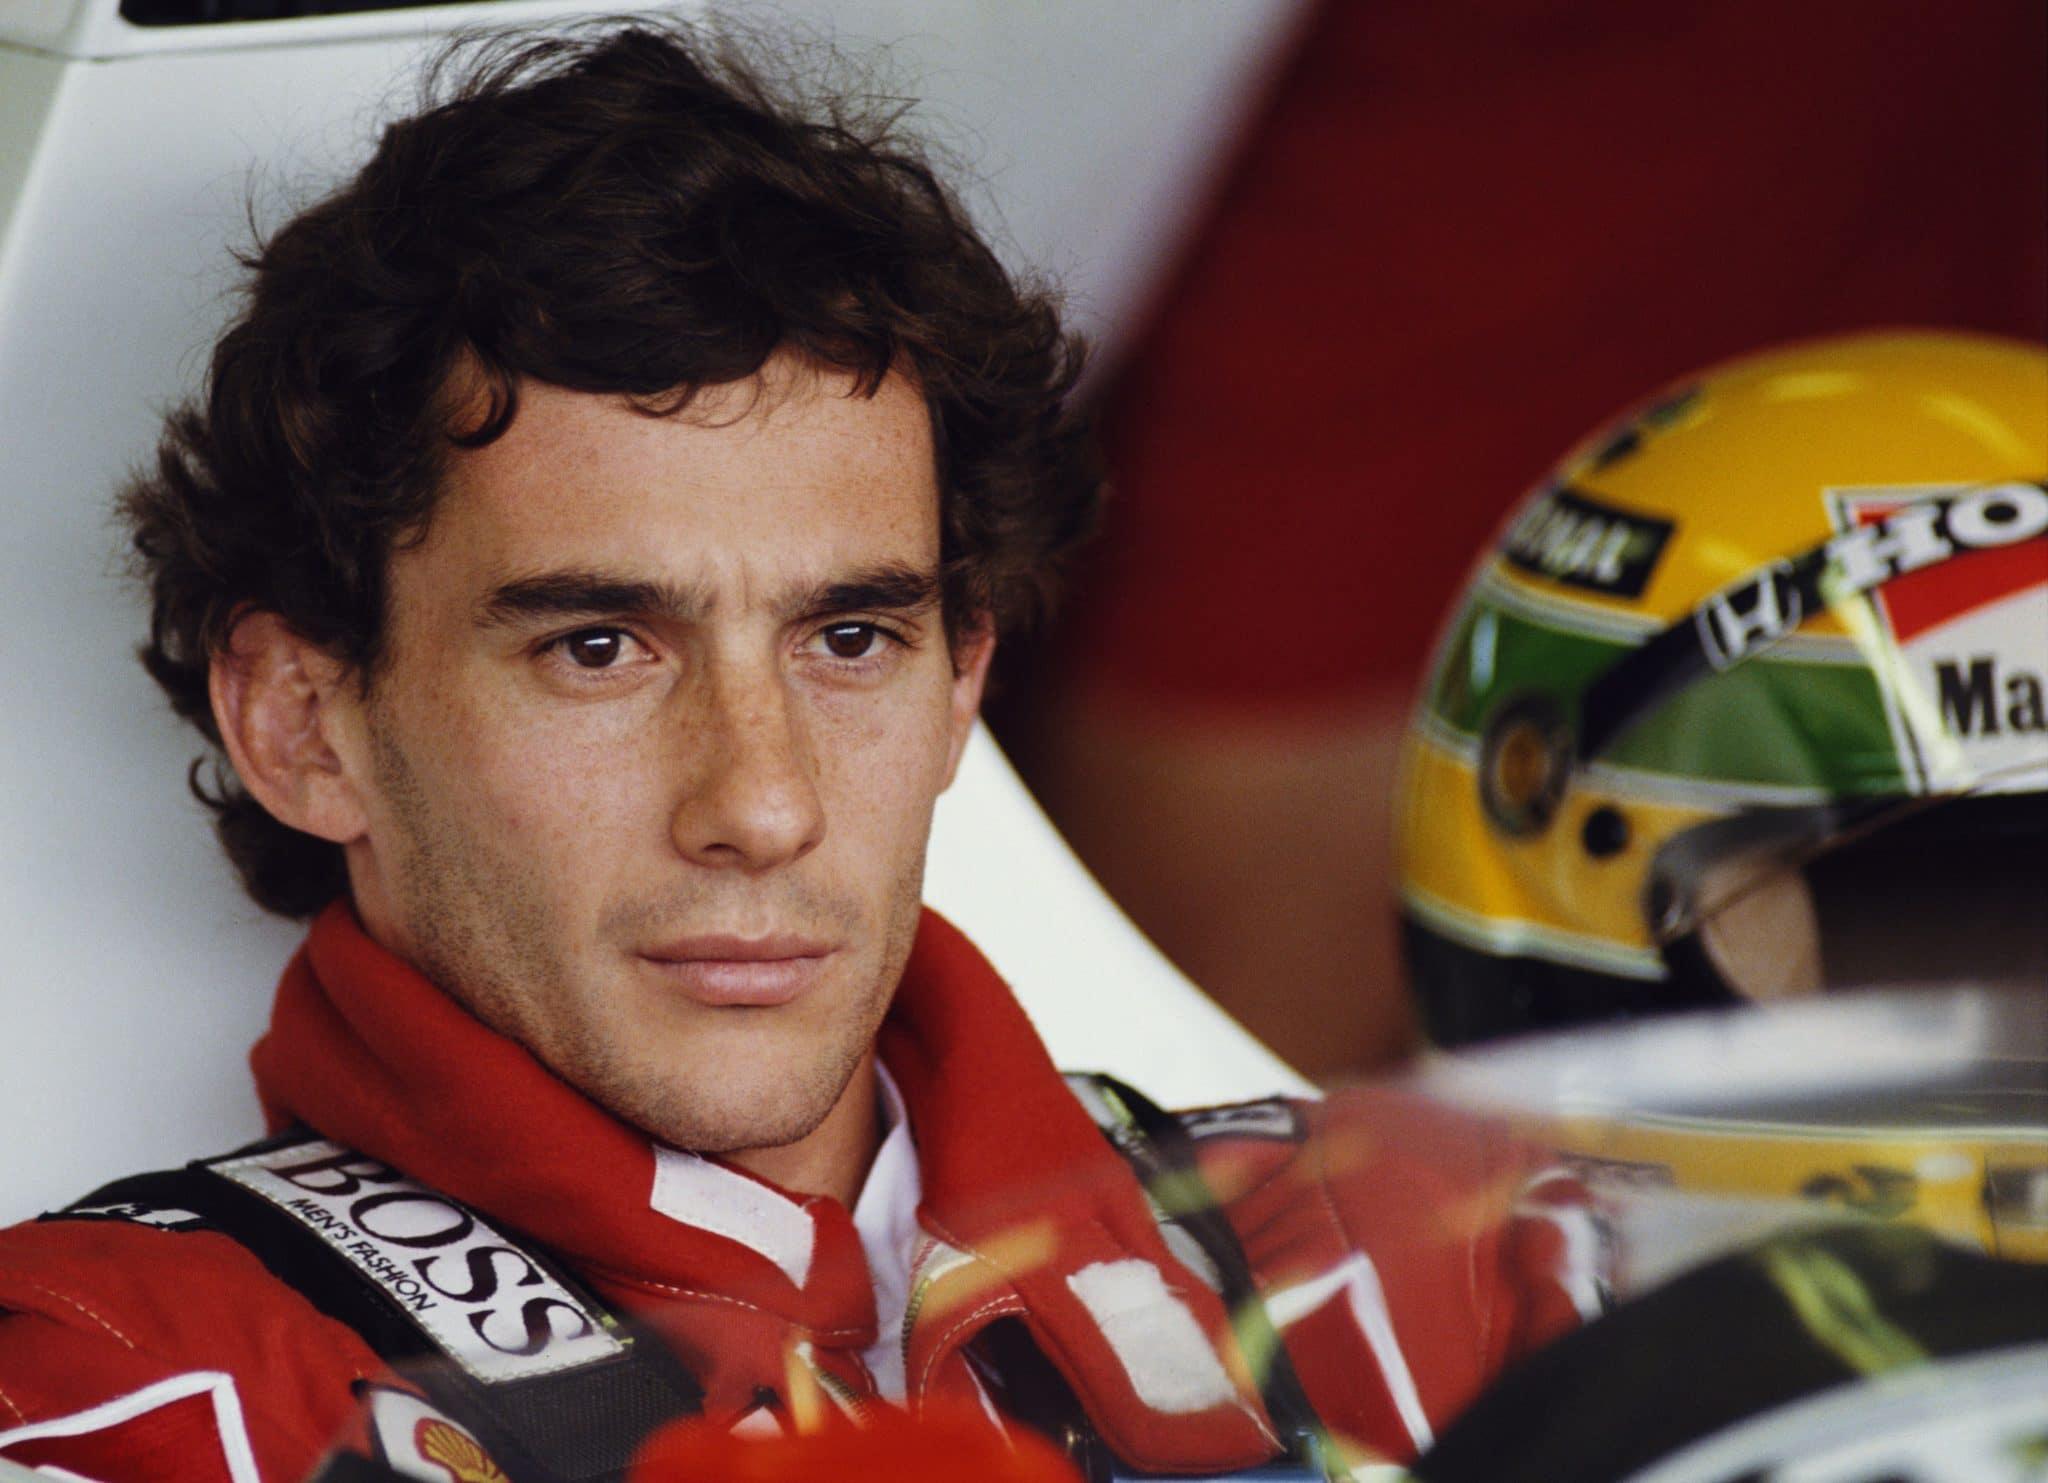 Ayrton Senna Netflix 2022